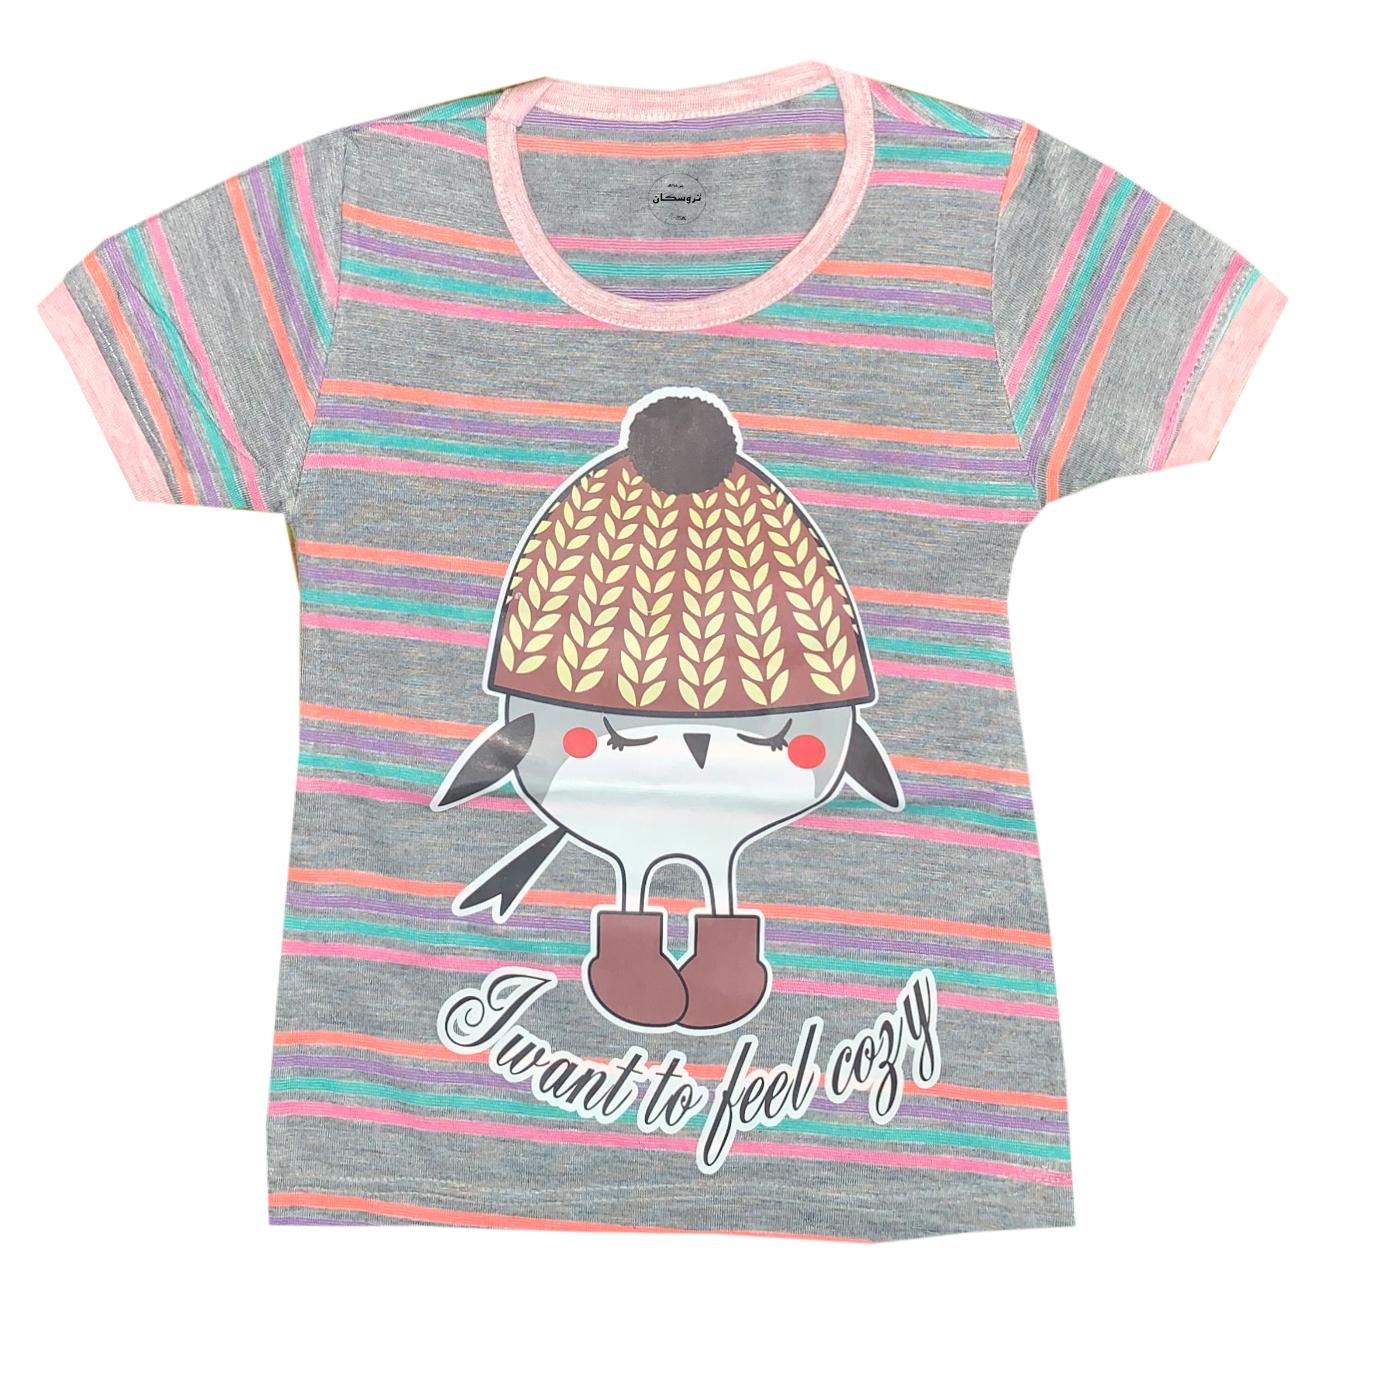 تی شرت آستین کوتاه دخترانه تروسکان مدل Feel You